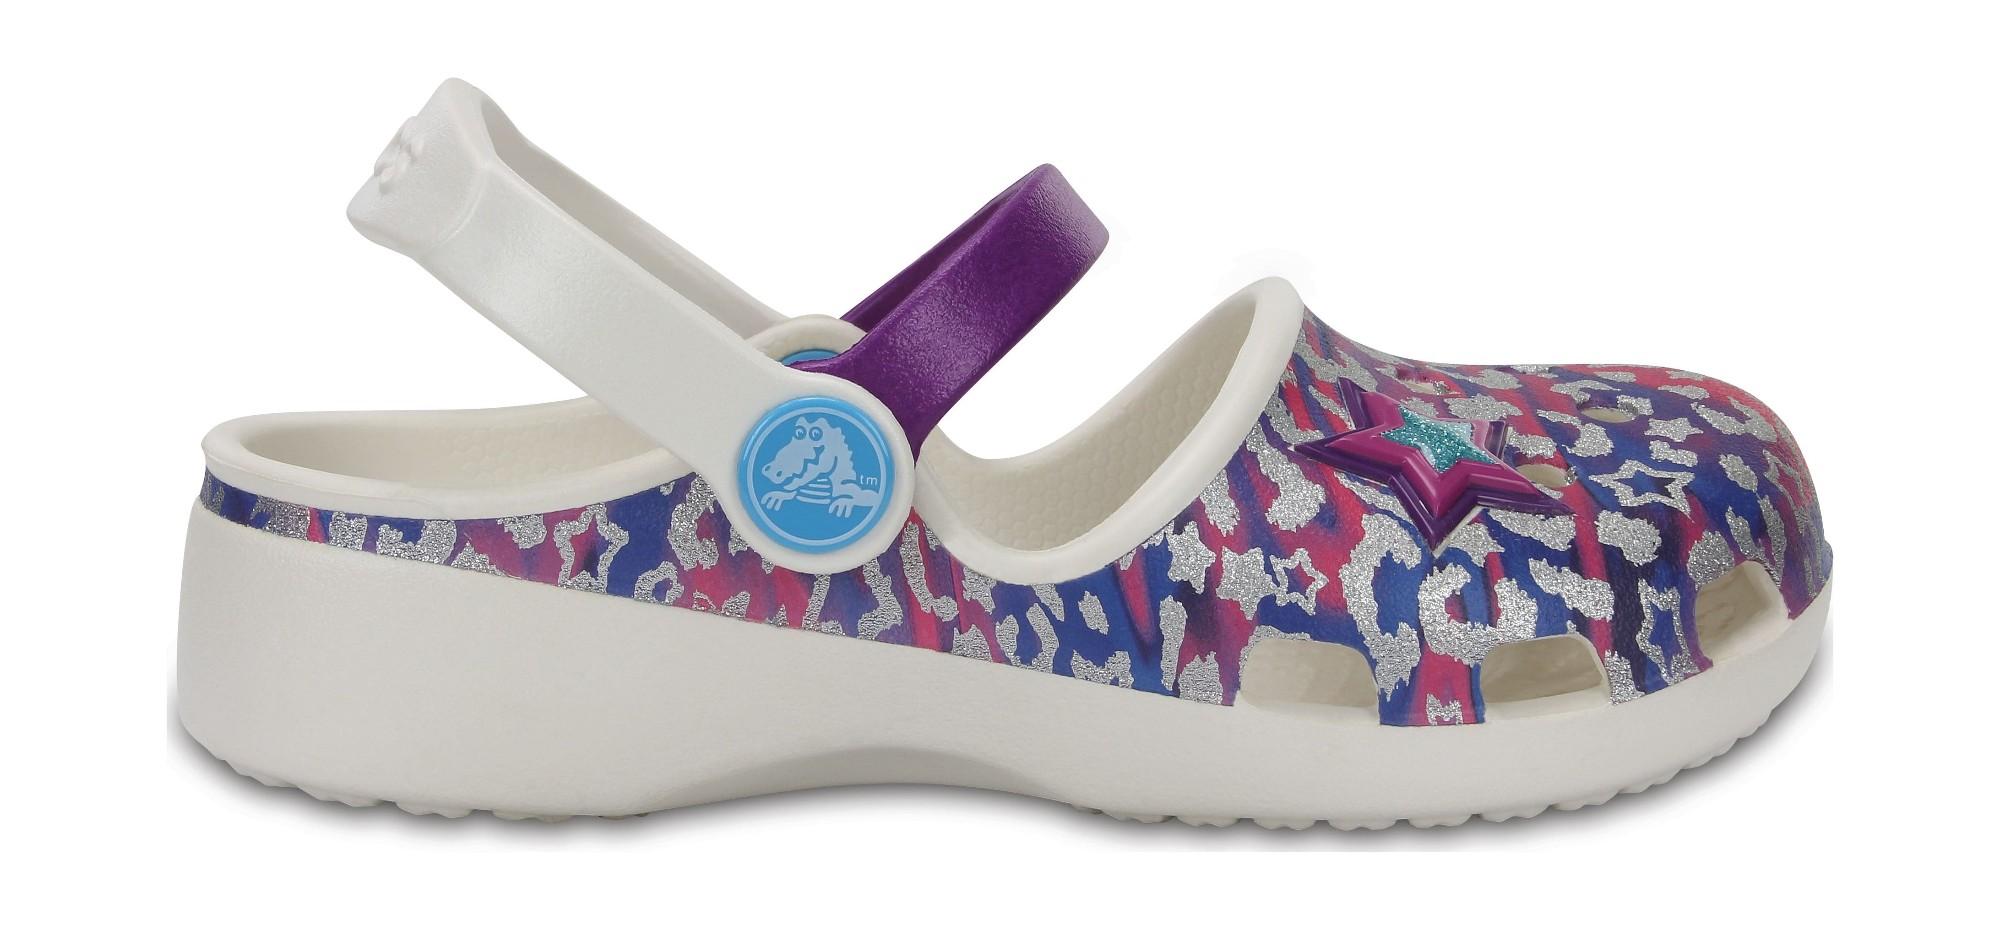 88943293e247da Crocs™ Karin Novelty Clog Oyster Amethyst ...